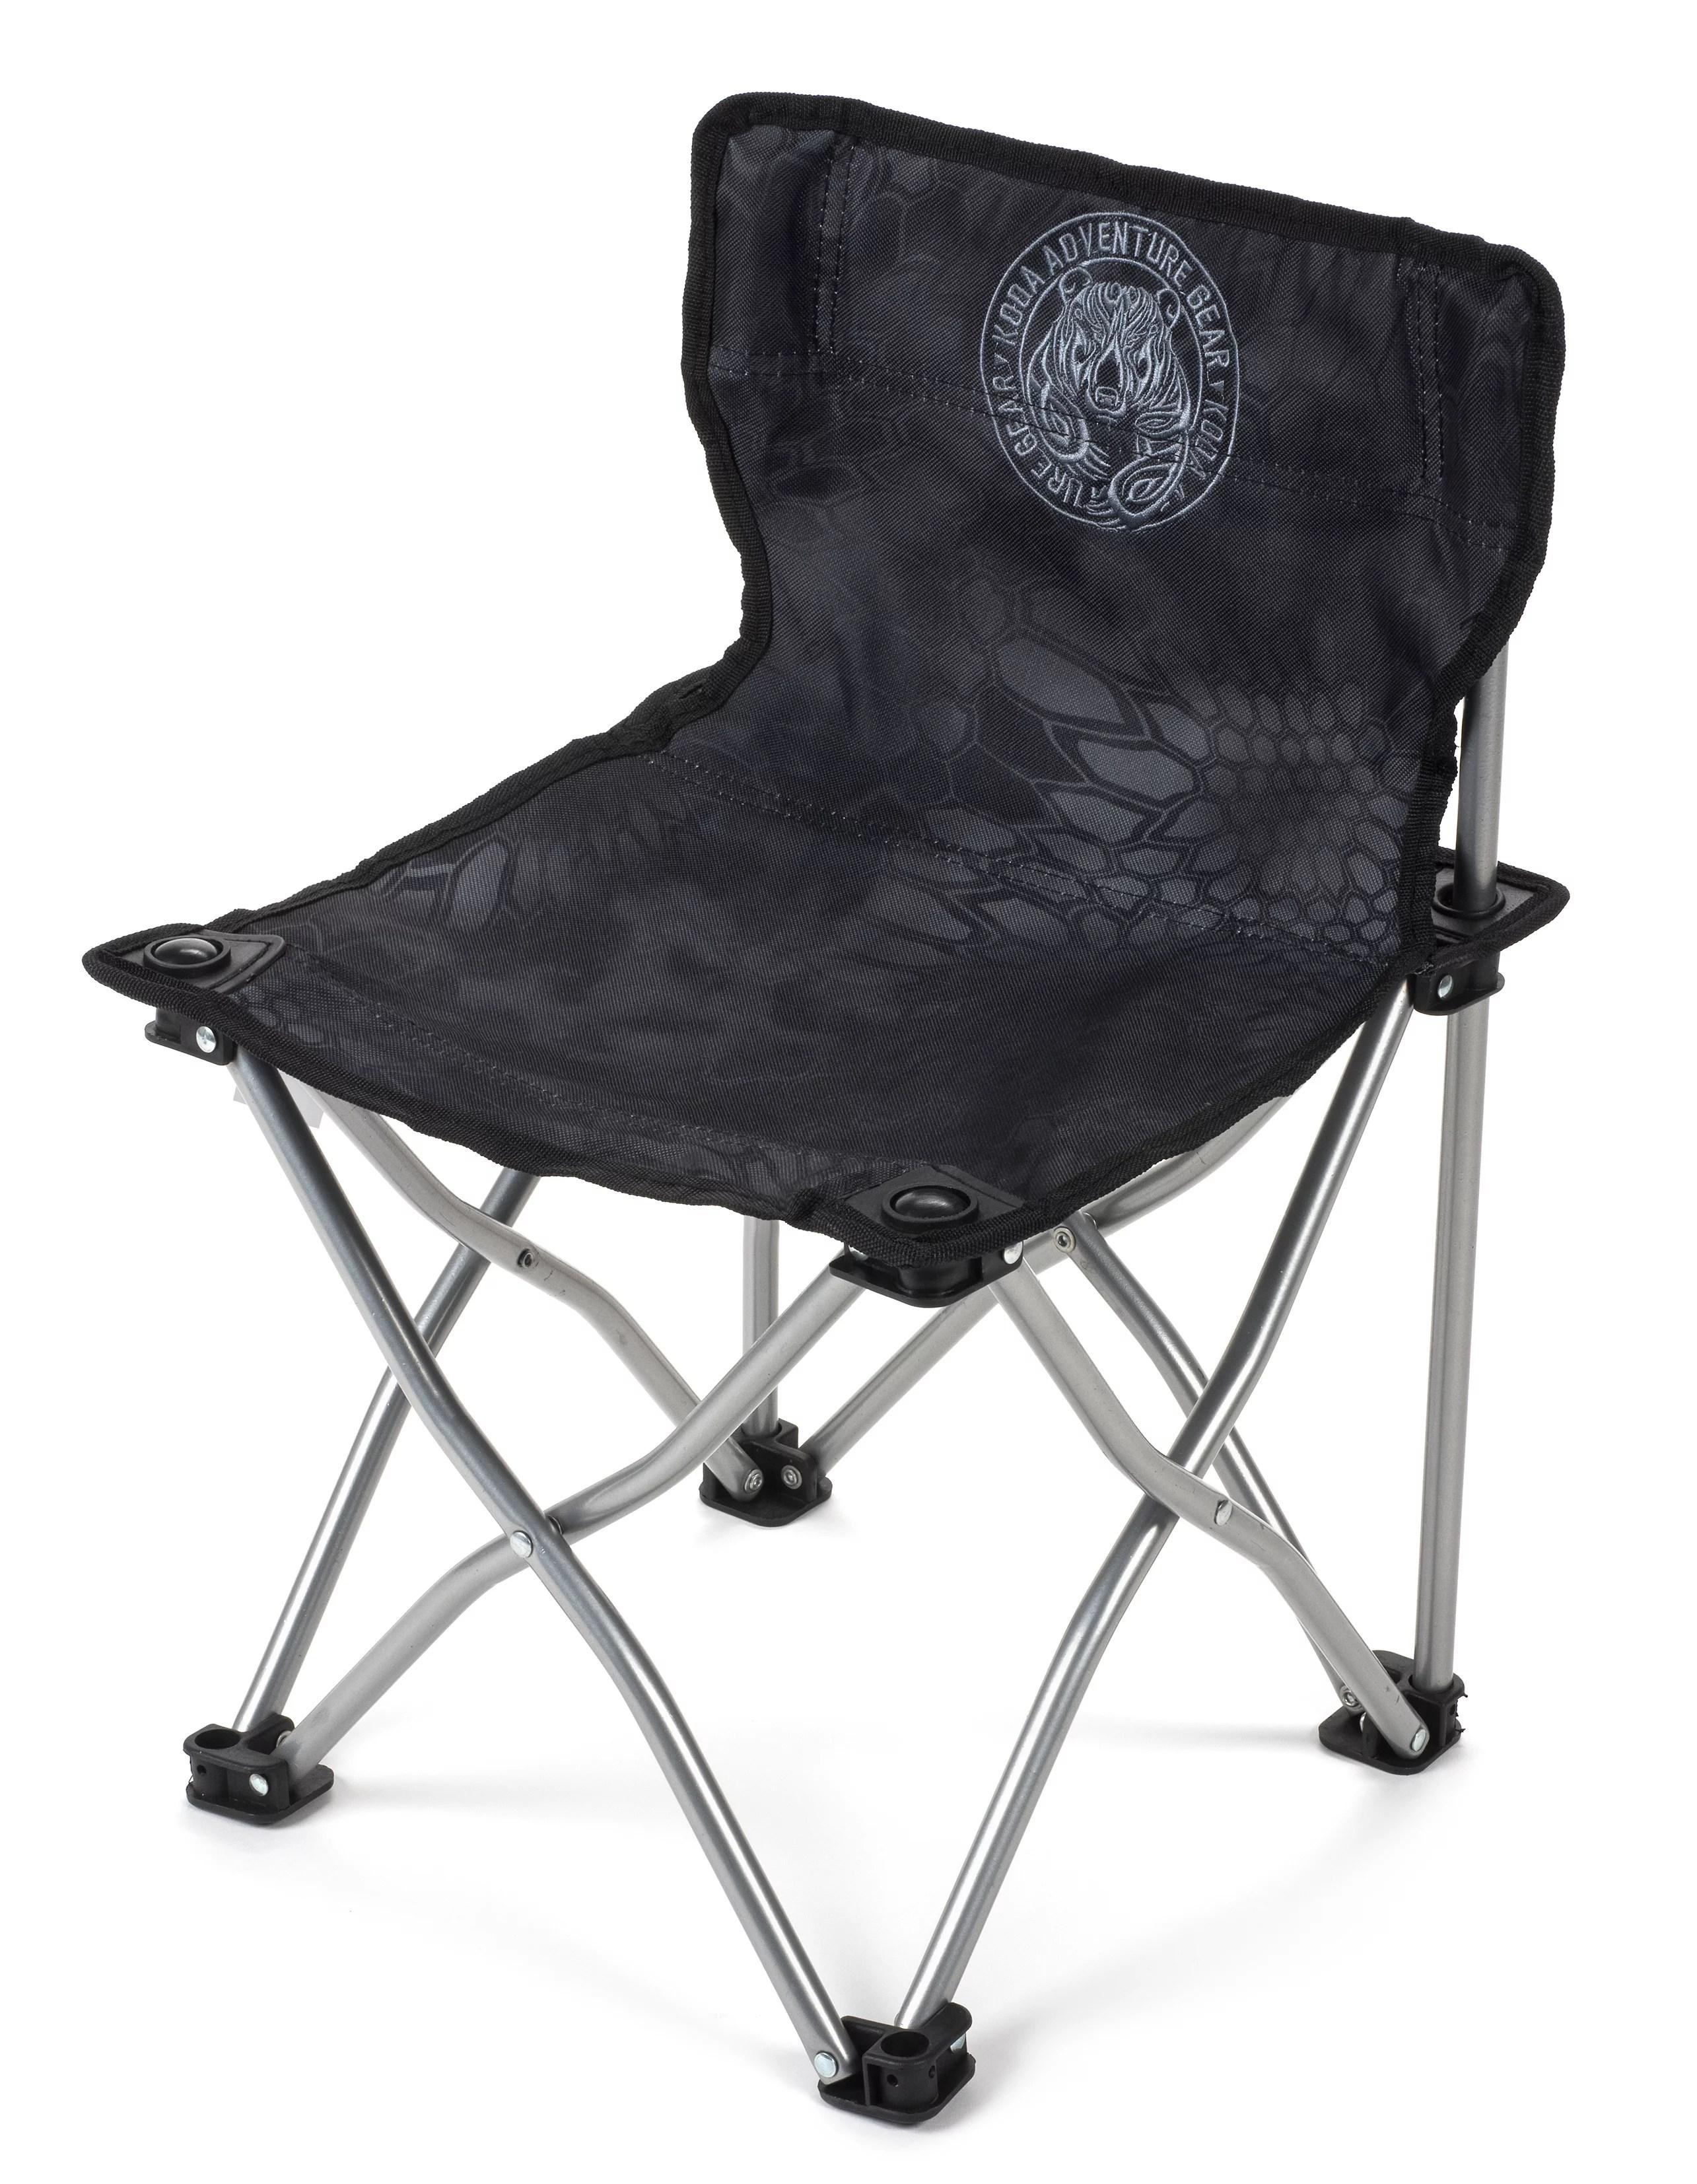 lucky bums camp chair high chairs kids quick folding kryptek typhon walmart com